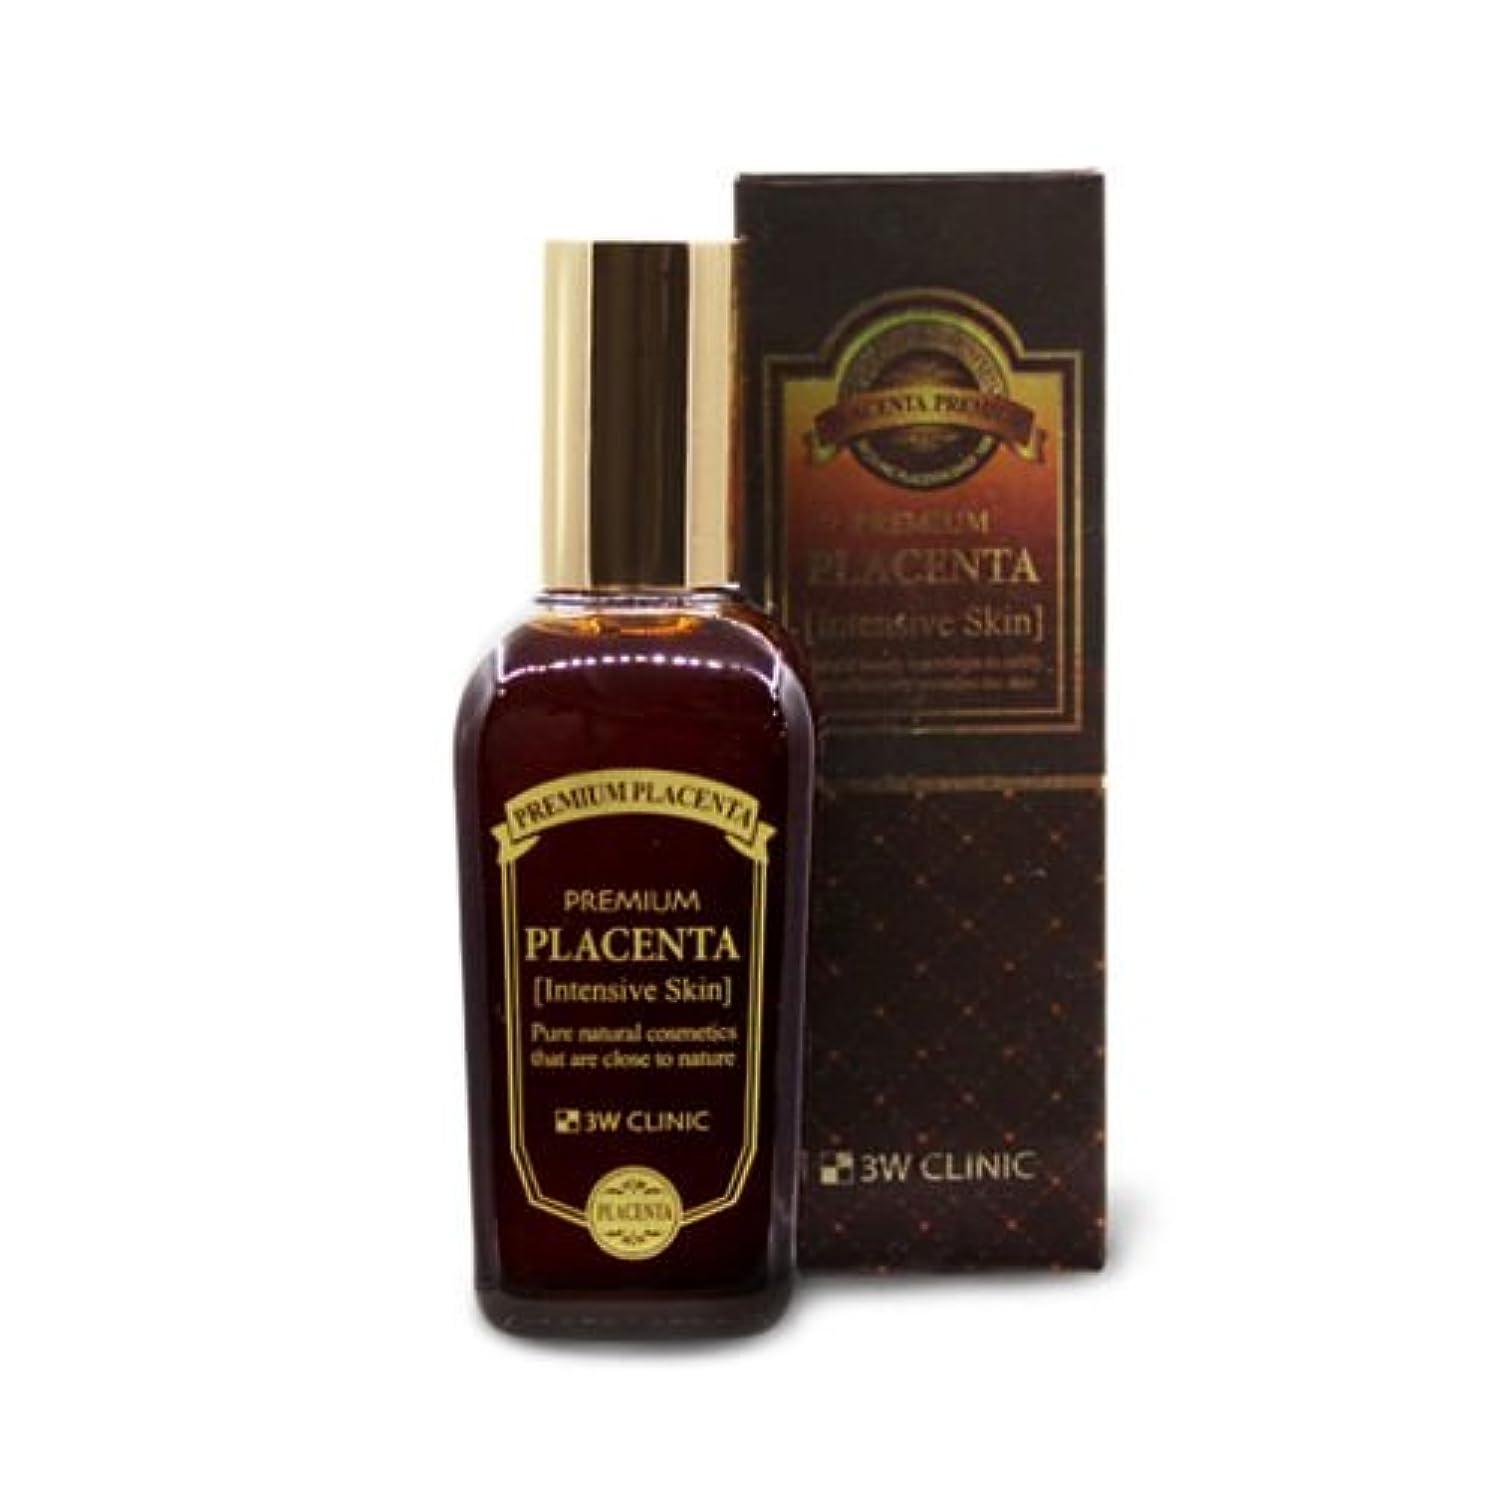 フェリー星飢3Wクリニック[韓国コスメ3w Clinic]Premium Placenta Intensive Skin プレミアムプラセンタインテンシブスキン145ml[並行輸入品]